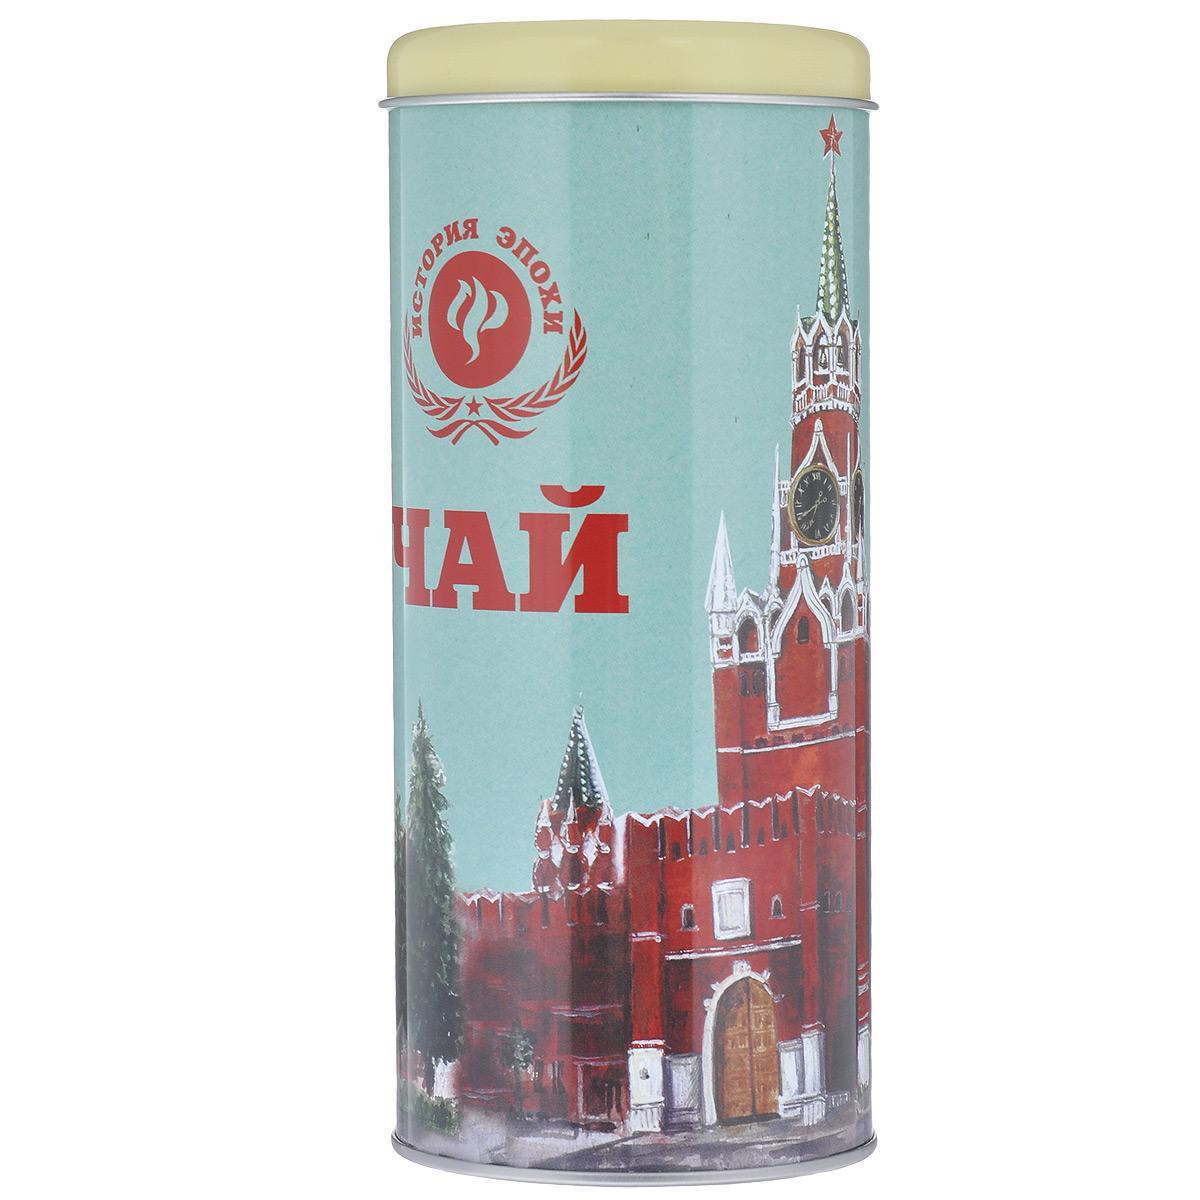 Банка для сыпучих продуктов Феникс-Презент Кремлевский чай, 750 мл37622Банка для сыпучих продуктов Феникс-Презент Кремлевский чай изготовлена из металла и оснащена крышкой. Корпус банки оформлен рисунком с изображением кремля и надписью Чай. Изделие идеально подойдет для хранения чая, кофе, сахара или других сыпучих продуктов. Банка сохраняет продукты свежими и ароматными на длительное время. Функциональная и вместительная, такая банка станет незаменимым аксессуаром и стильно оформит интерьер кухни.